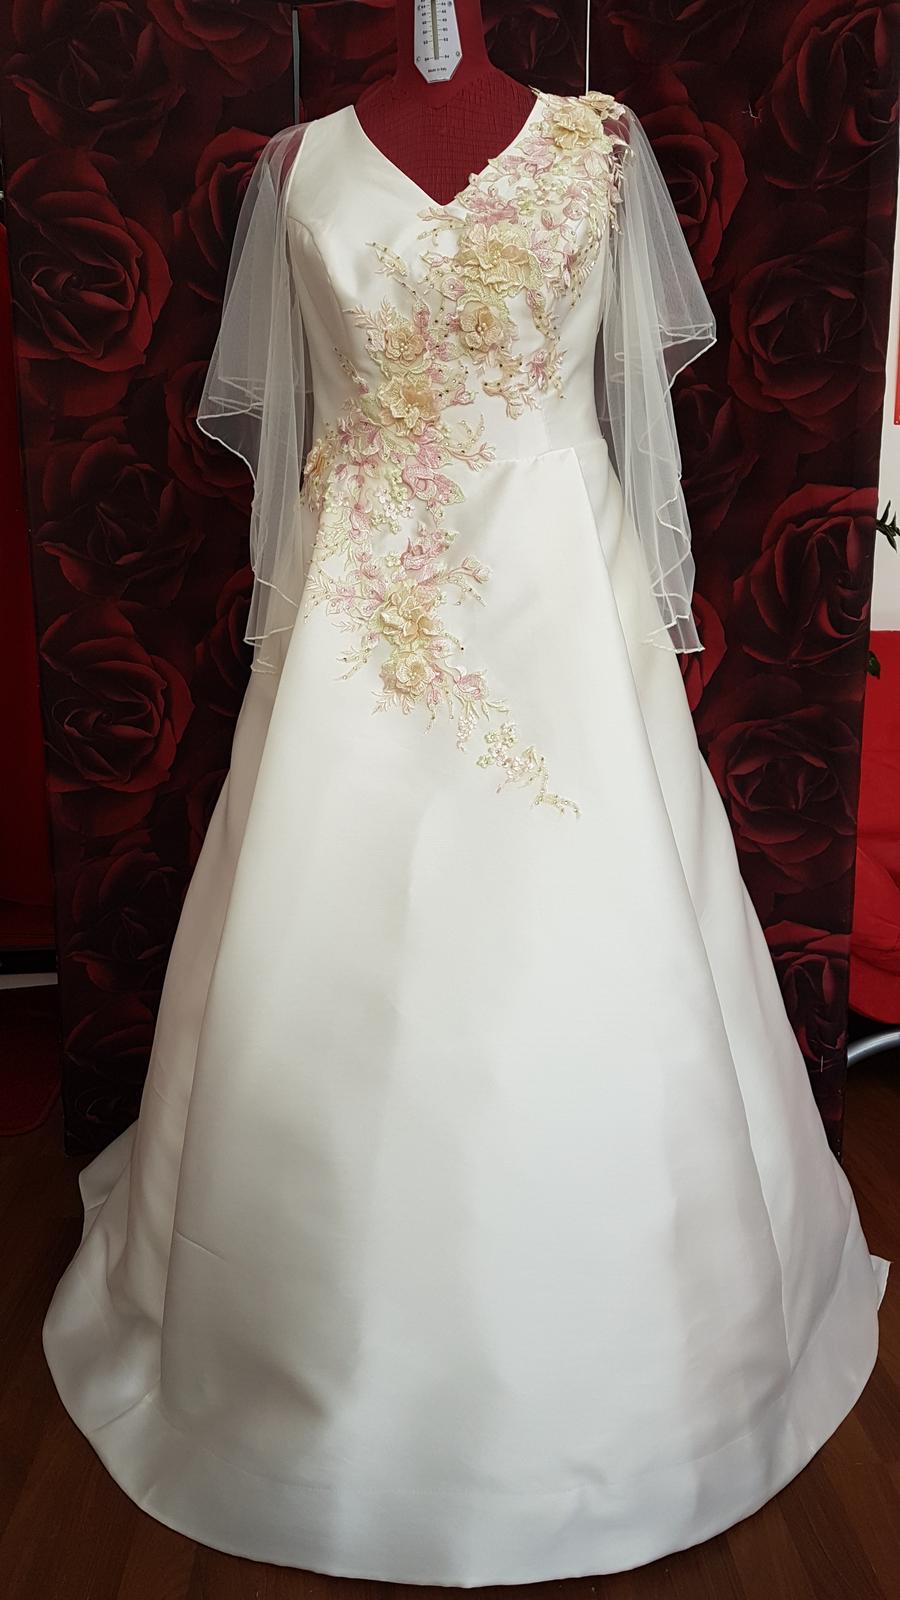 Šitie svadobných šiat na mieru,za ceny,ktoré potešia váš rozpočet. - Obrázok č. 5